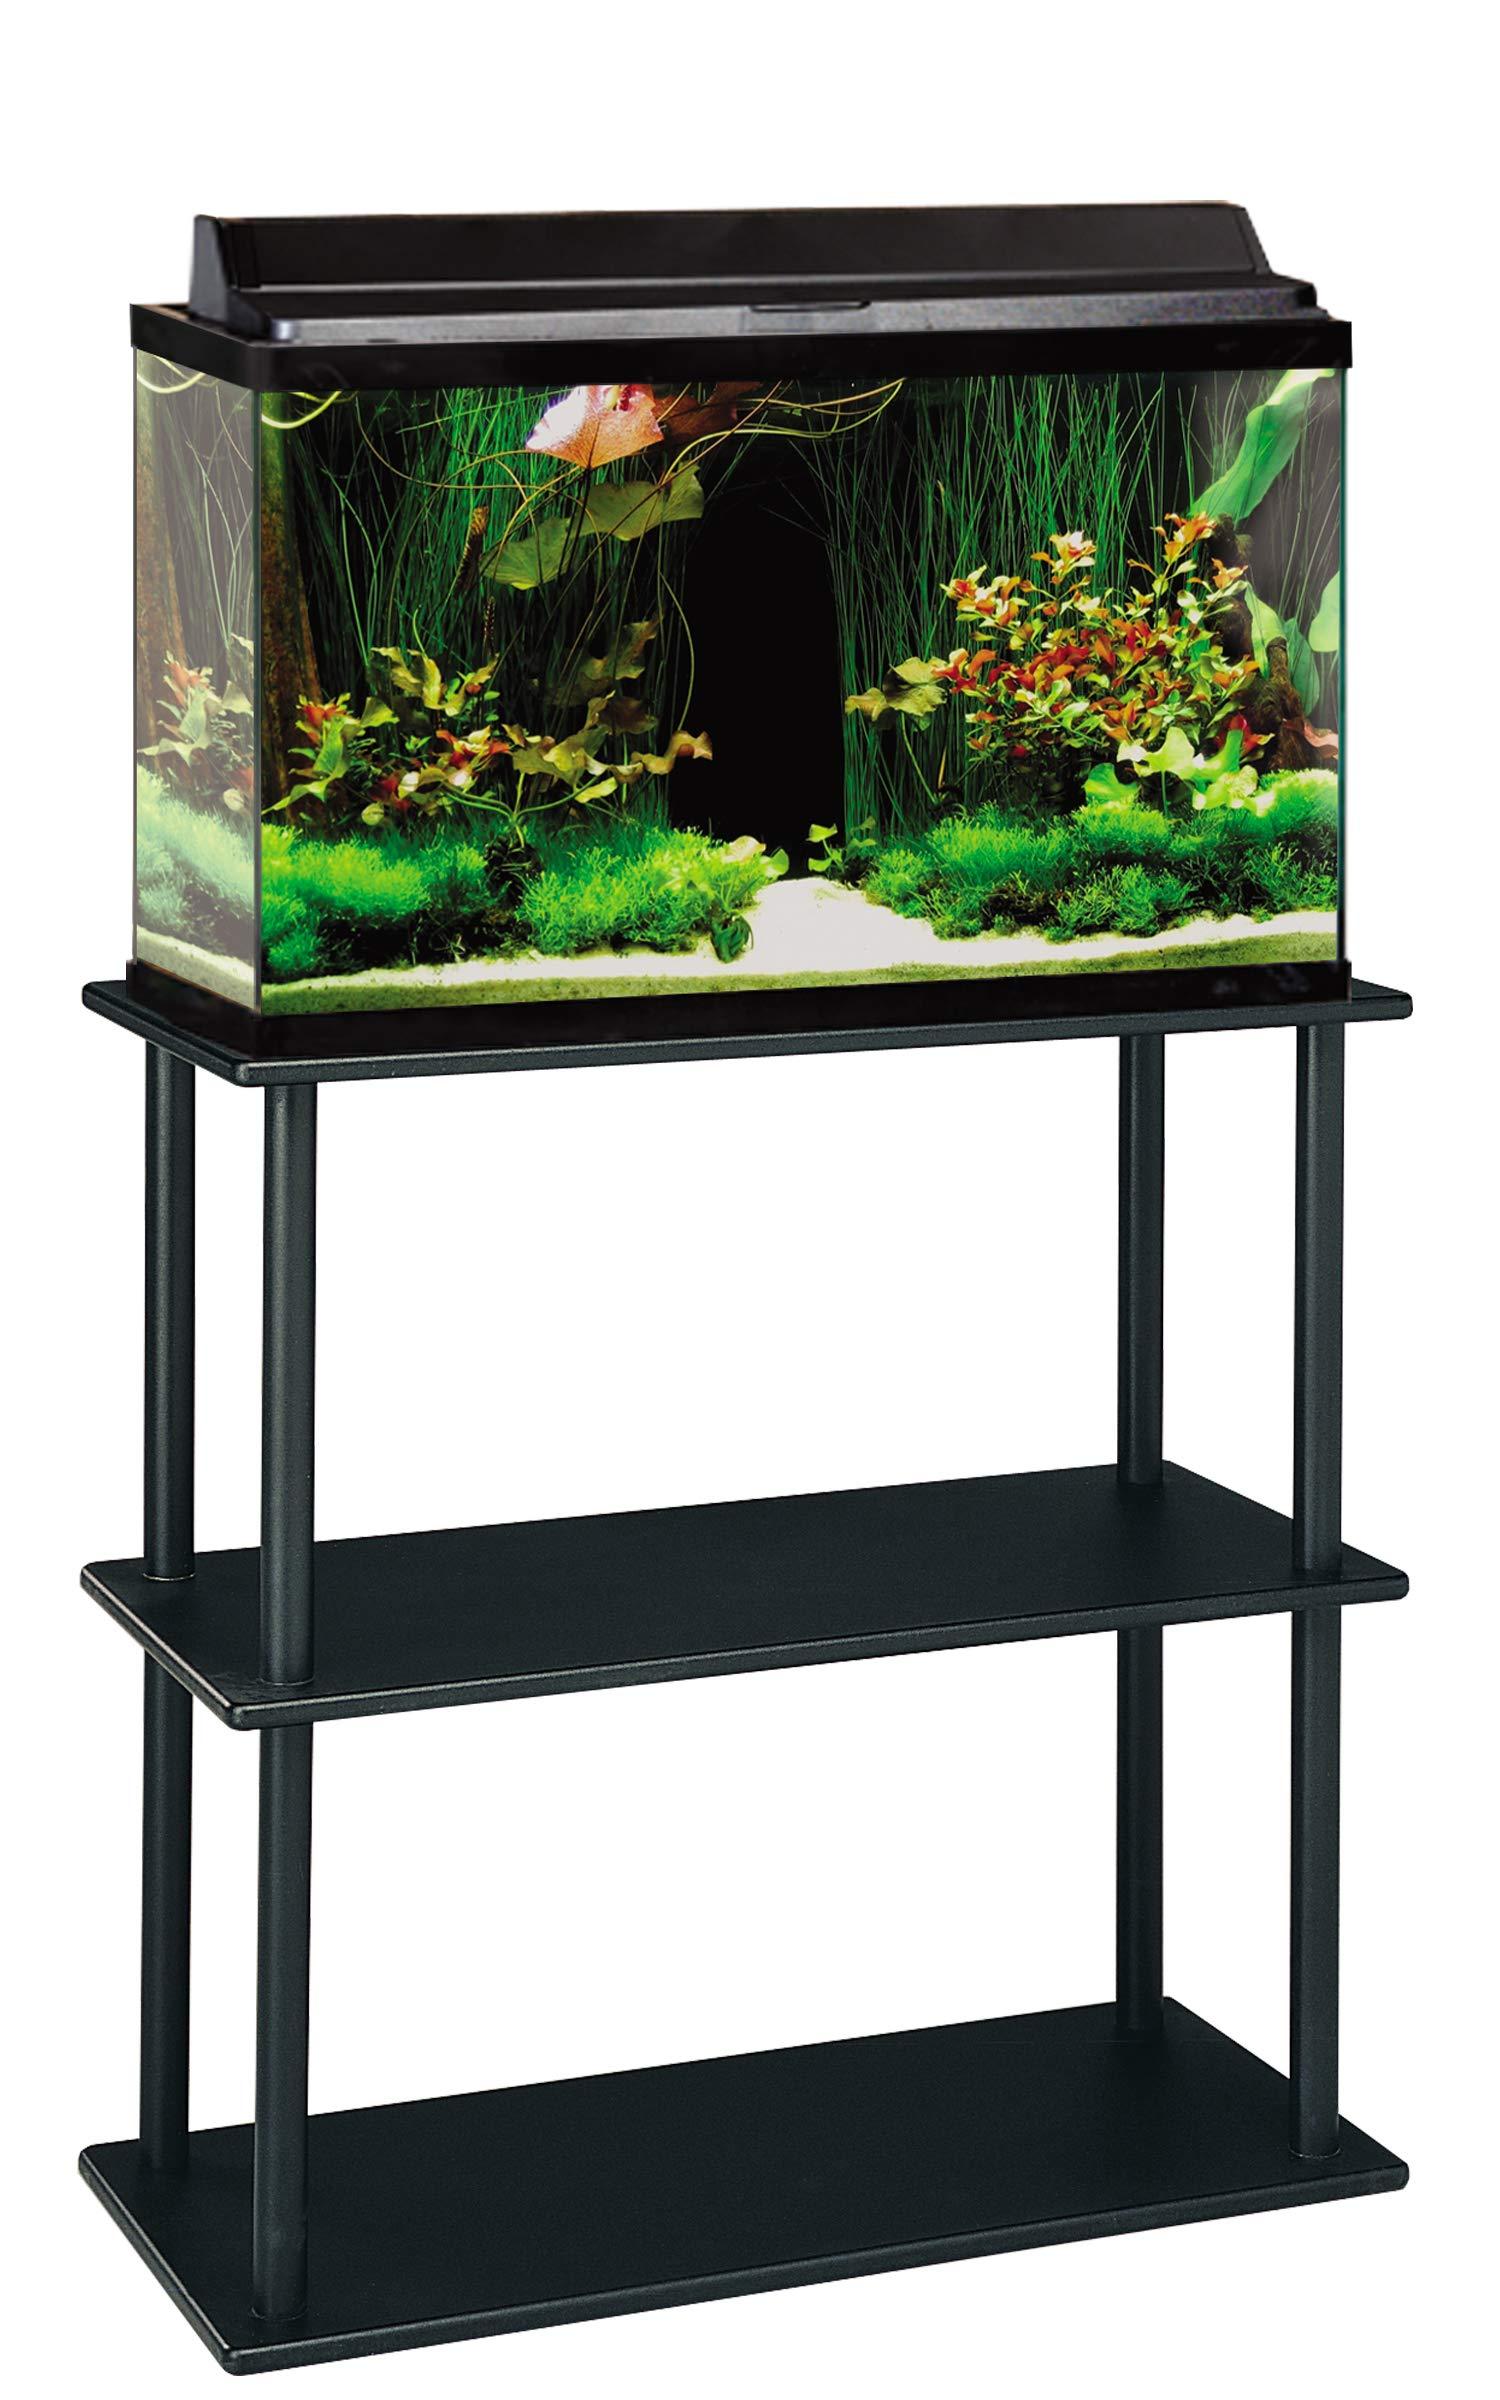 Aquatic Fundamentals Aquarium Stand, 20 Gallon, Black